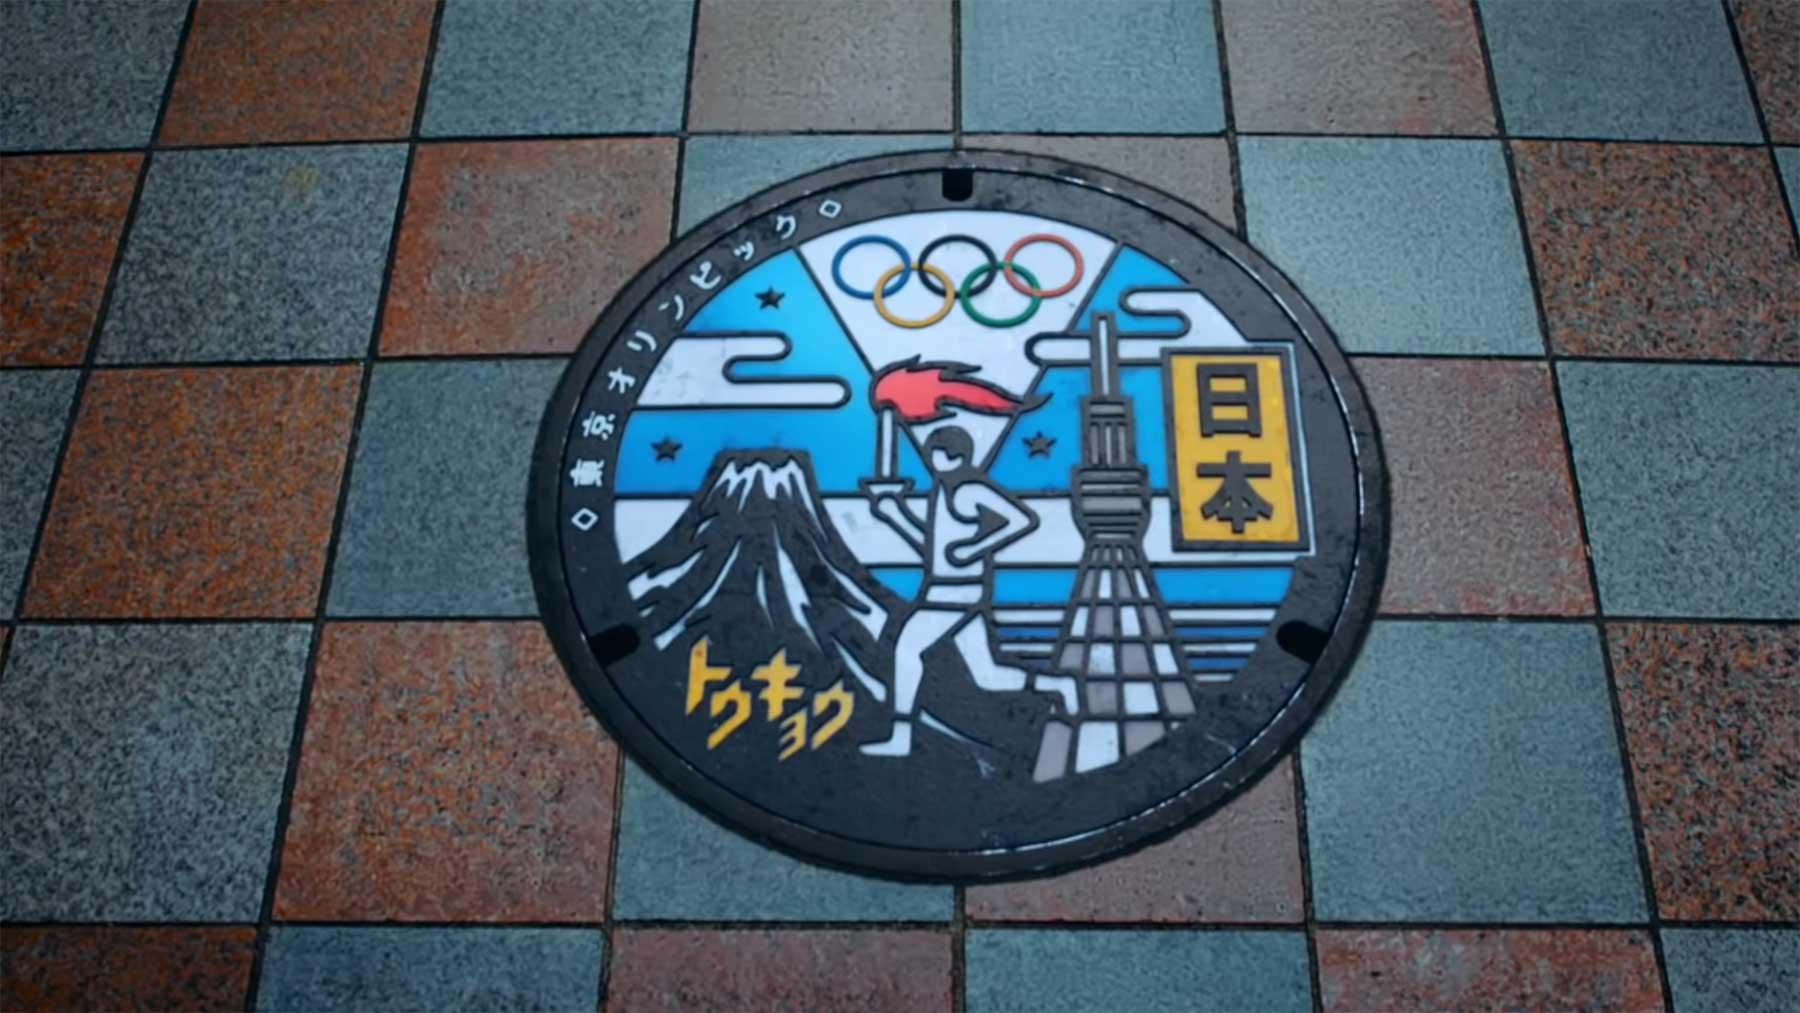 Cooler BBC-Trailer zu den Tokyo 2020 Olympics